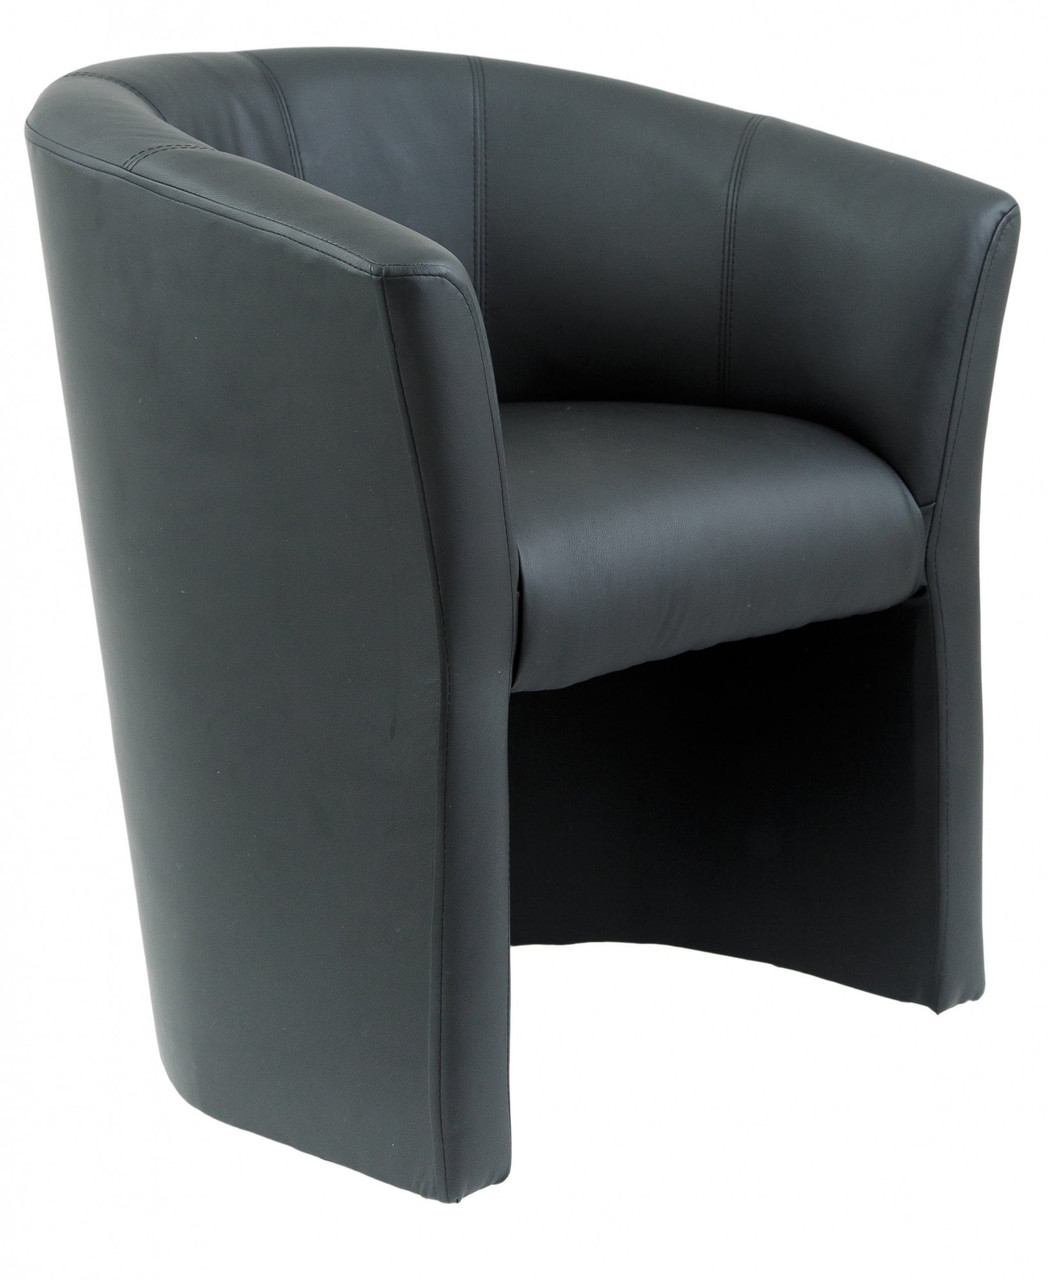 Кресло Richman Бум Единица 650 x 650 x 800H см Флай 2230 Черное